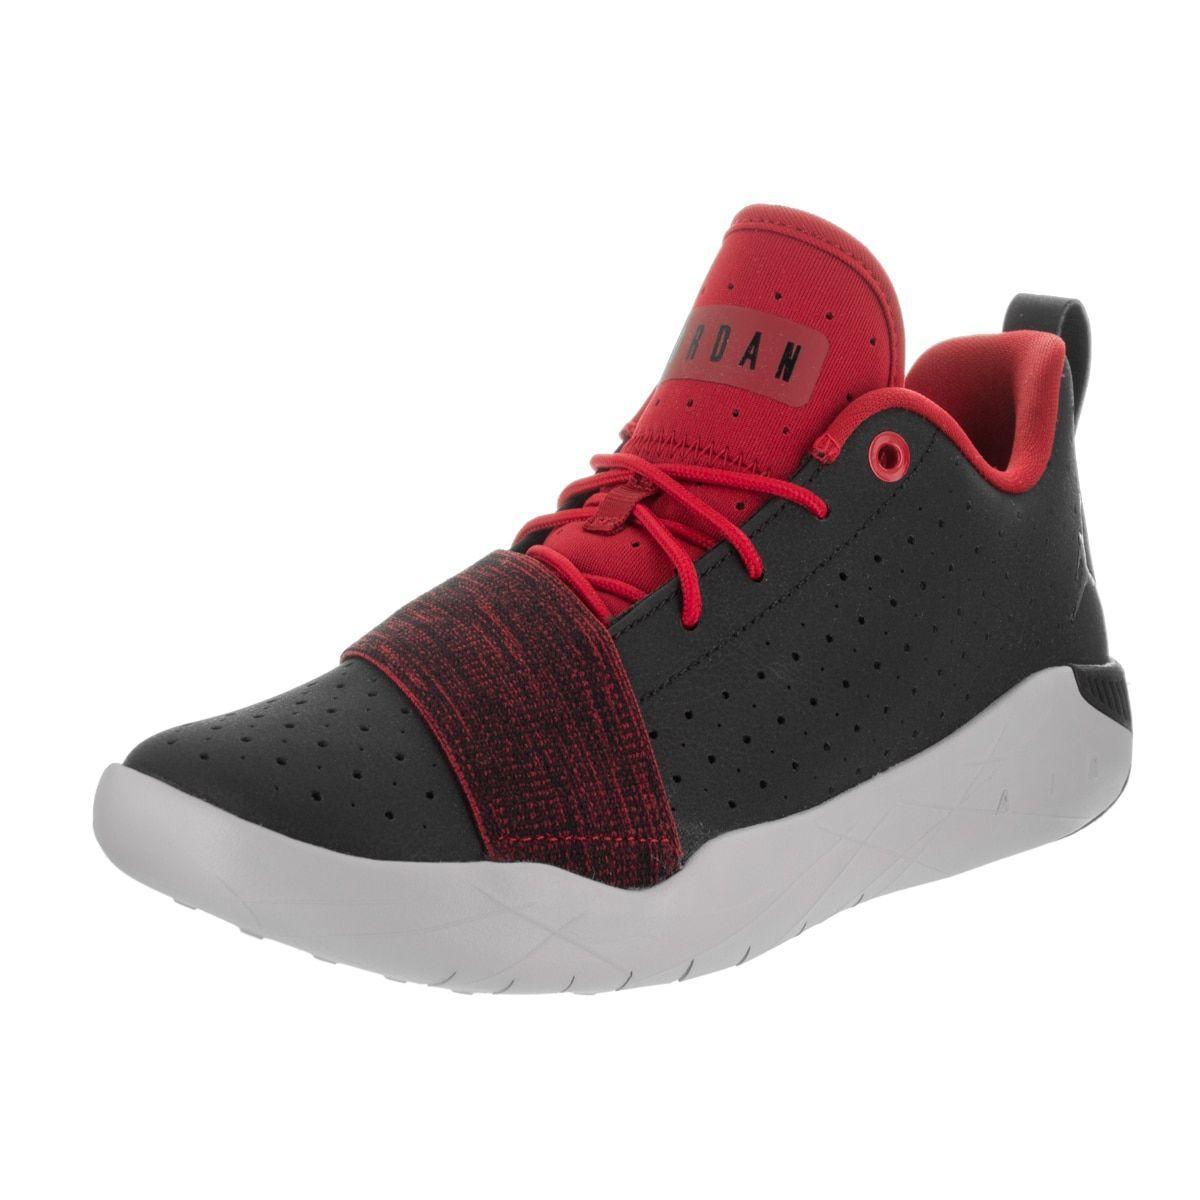 7df14339eb0a28 Nike Jordan Kids Jordan 23 Breakout Bg Basketball Shoe (5.5)